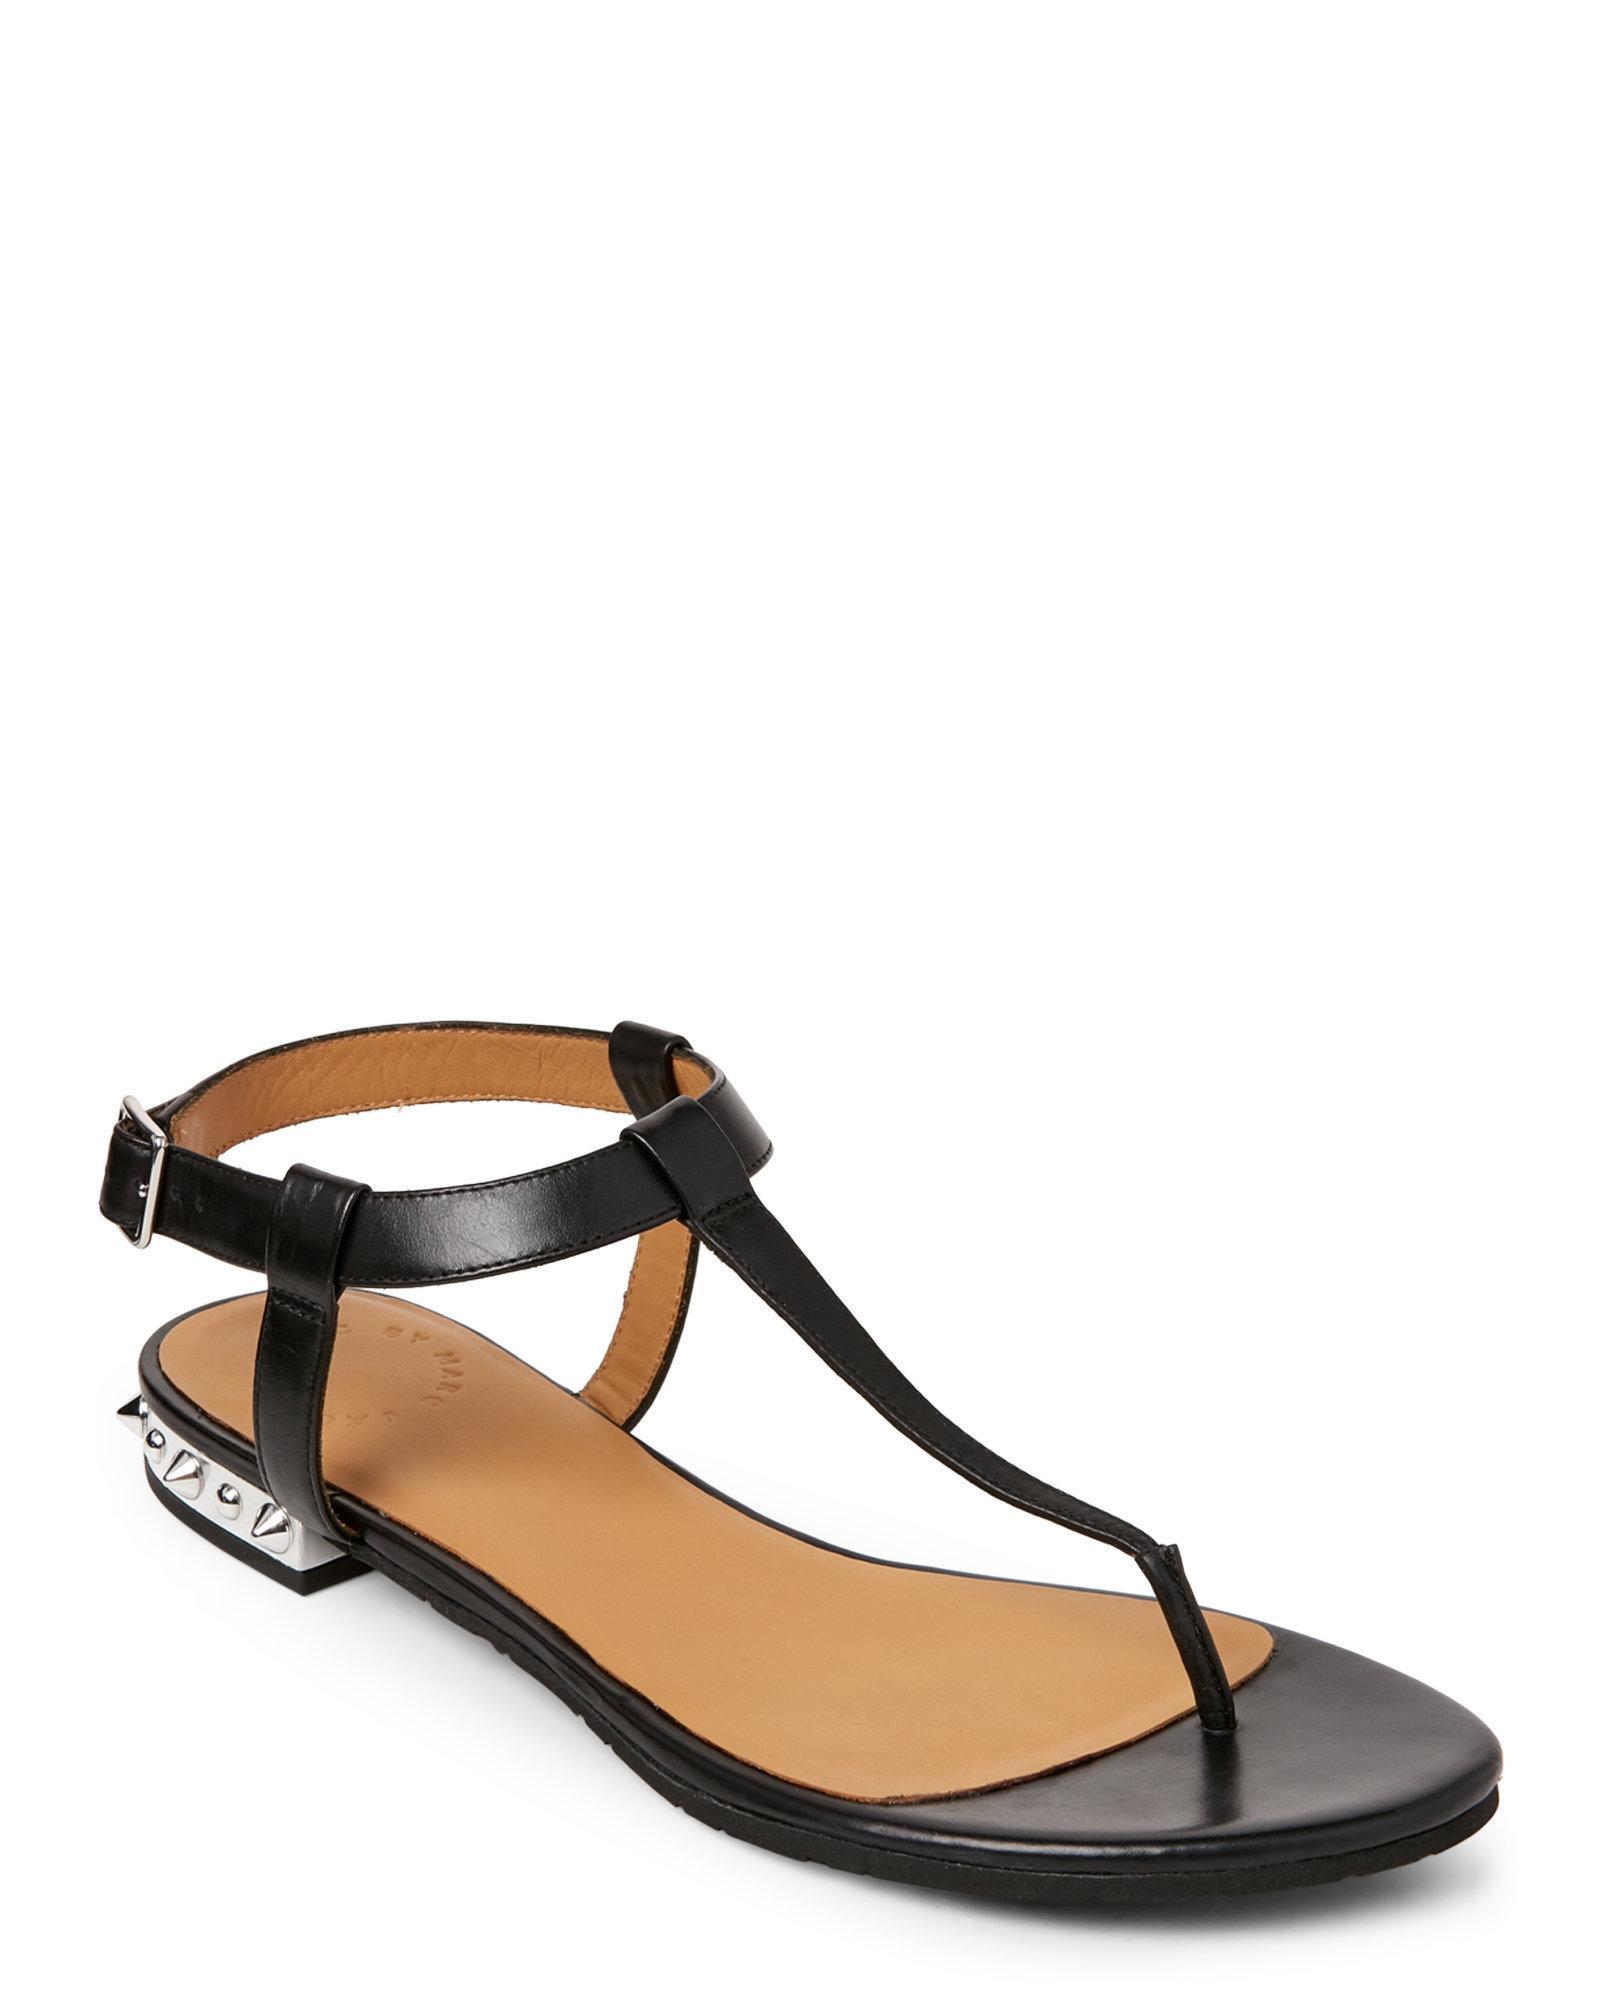 Black sandals with straps - Marc By Marc Jacobs Women S Black Punk Classics T Straps Flat Sandals